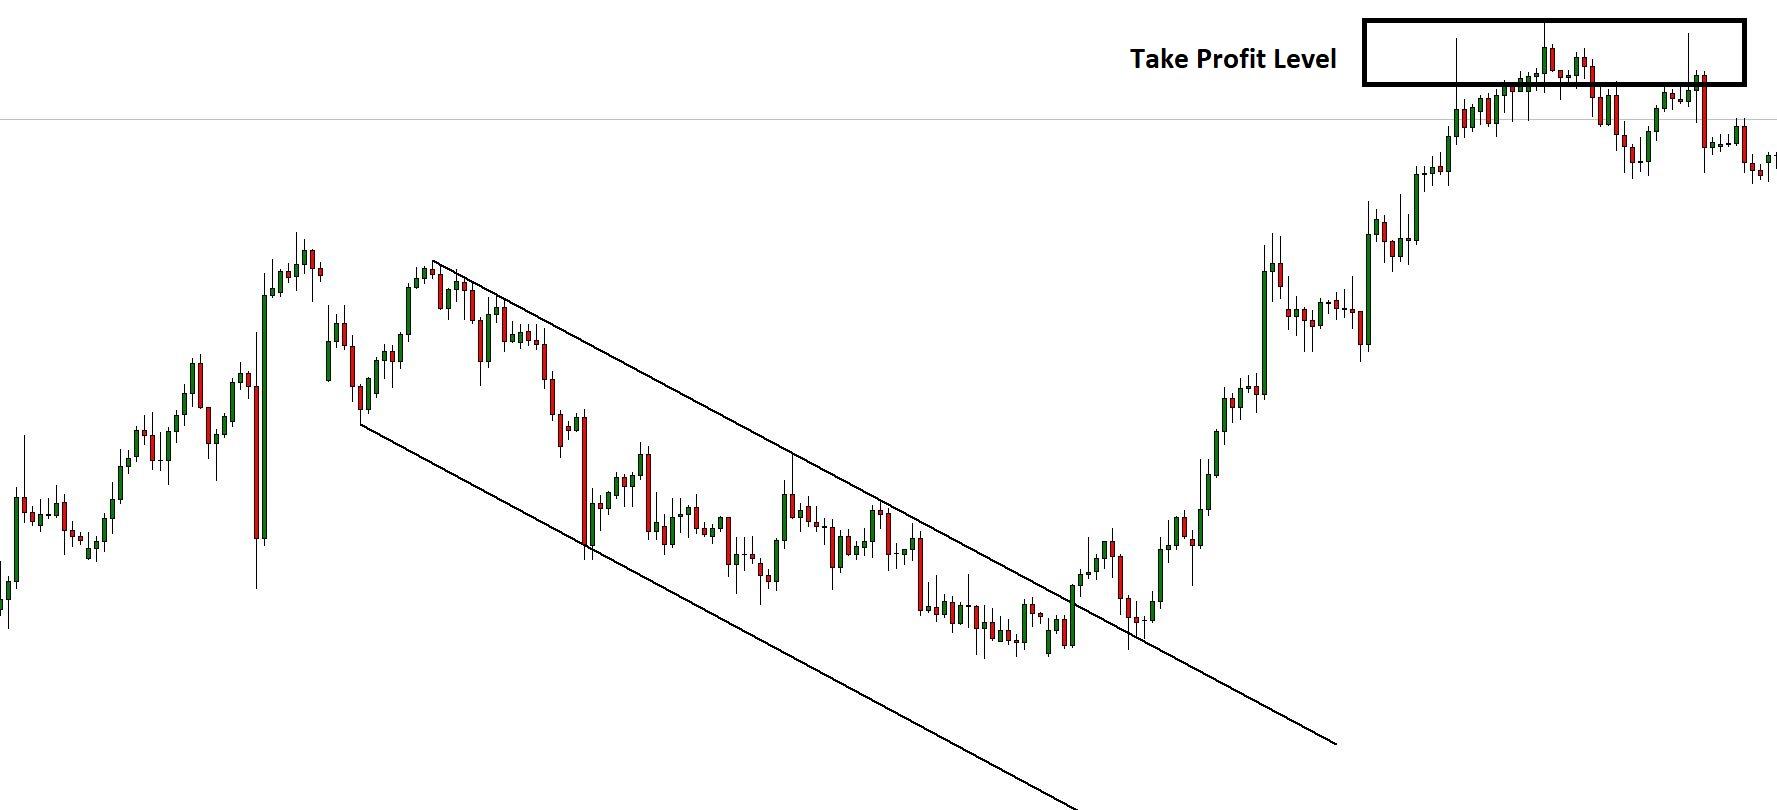 Channel breakout tke profit